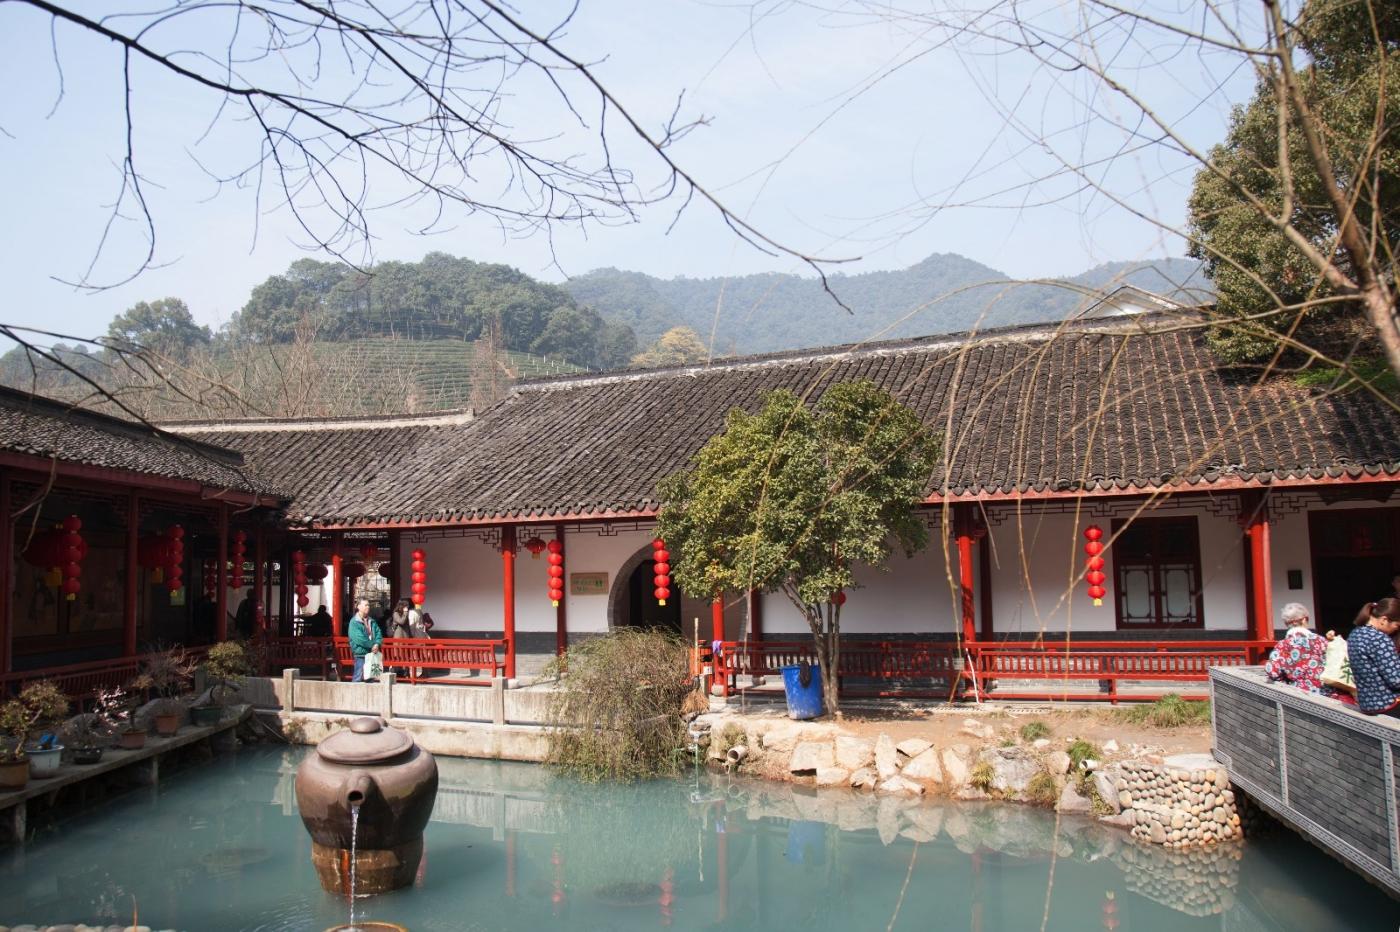 游杭州梅家坞茶场,品西湖龙井茶_图1-4